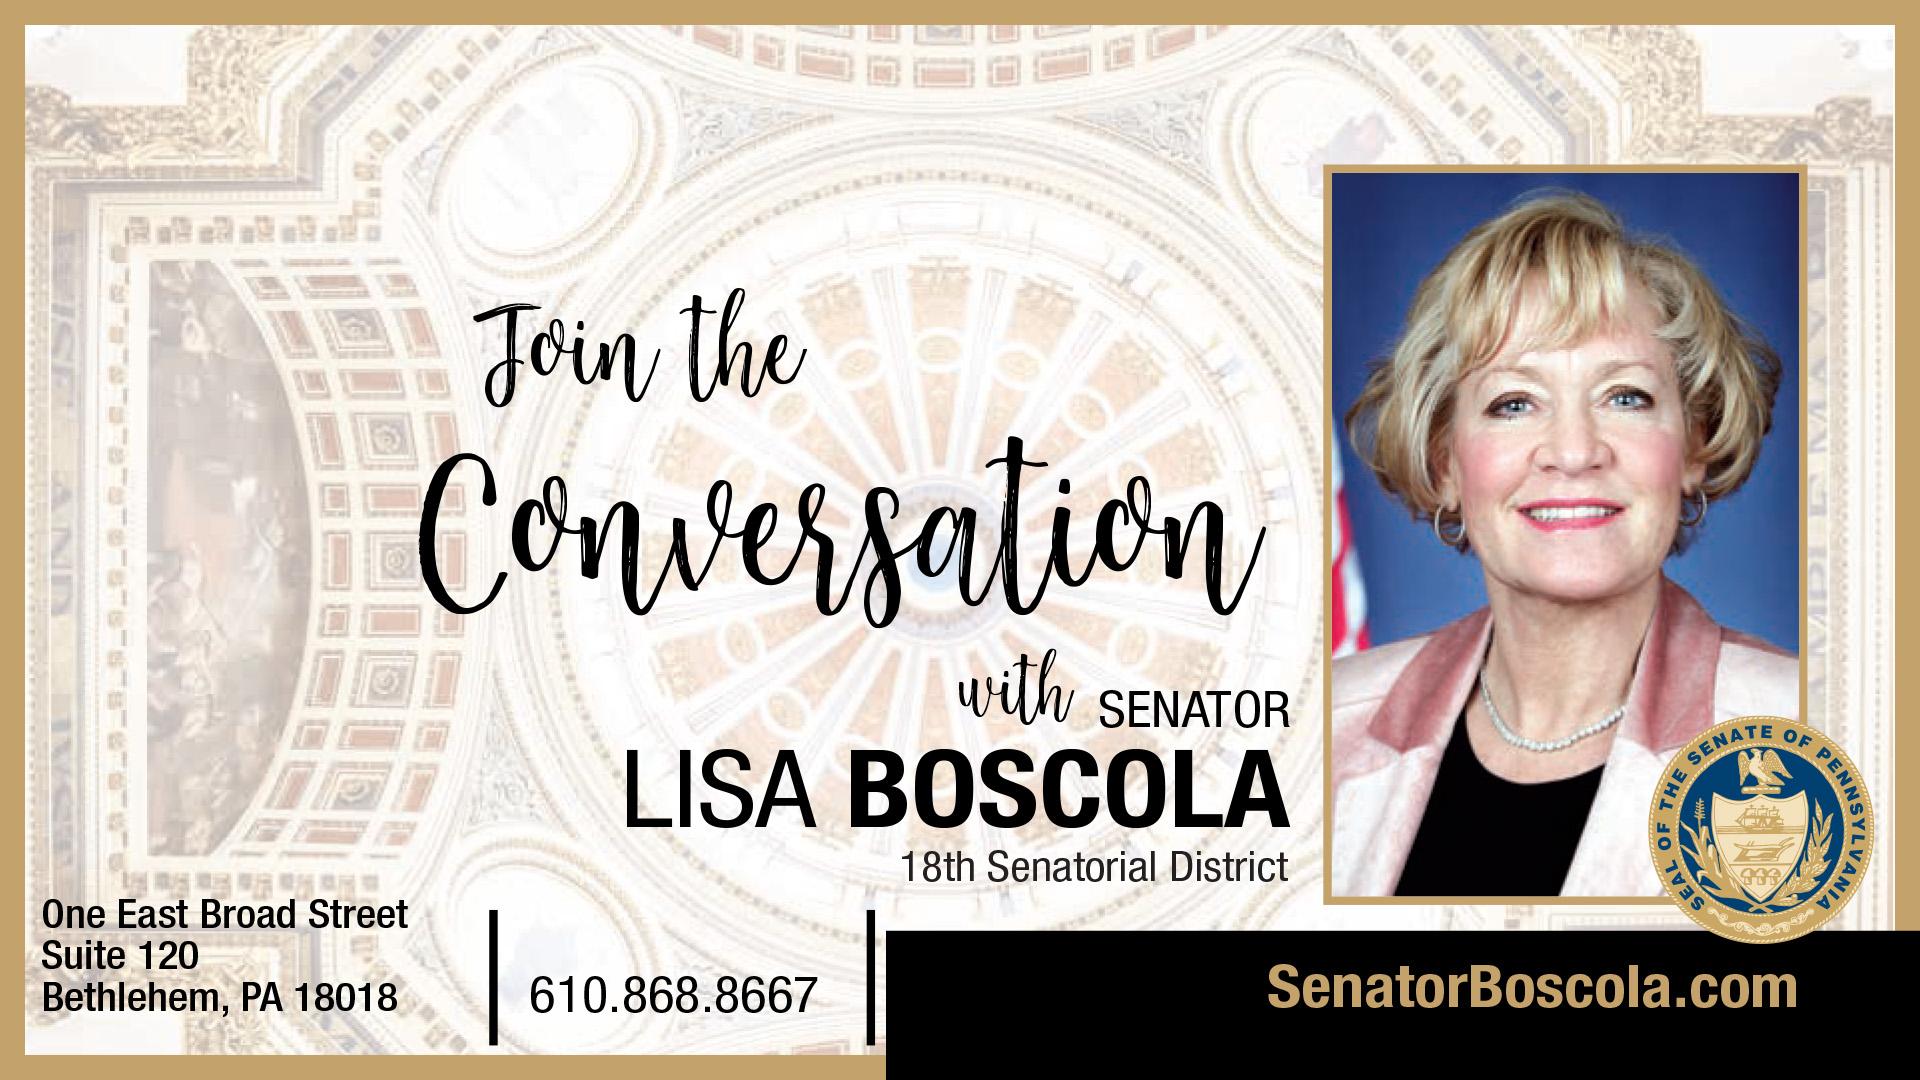 PA State Senator Lisa Boscola